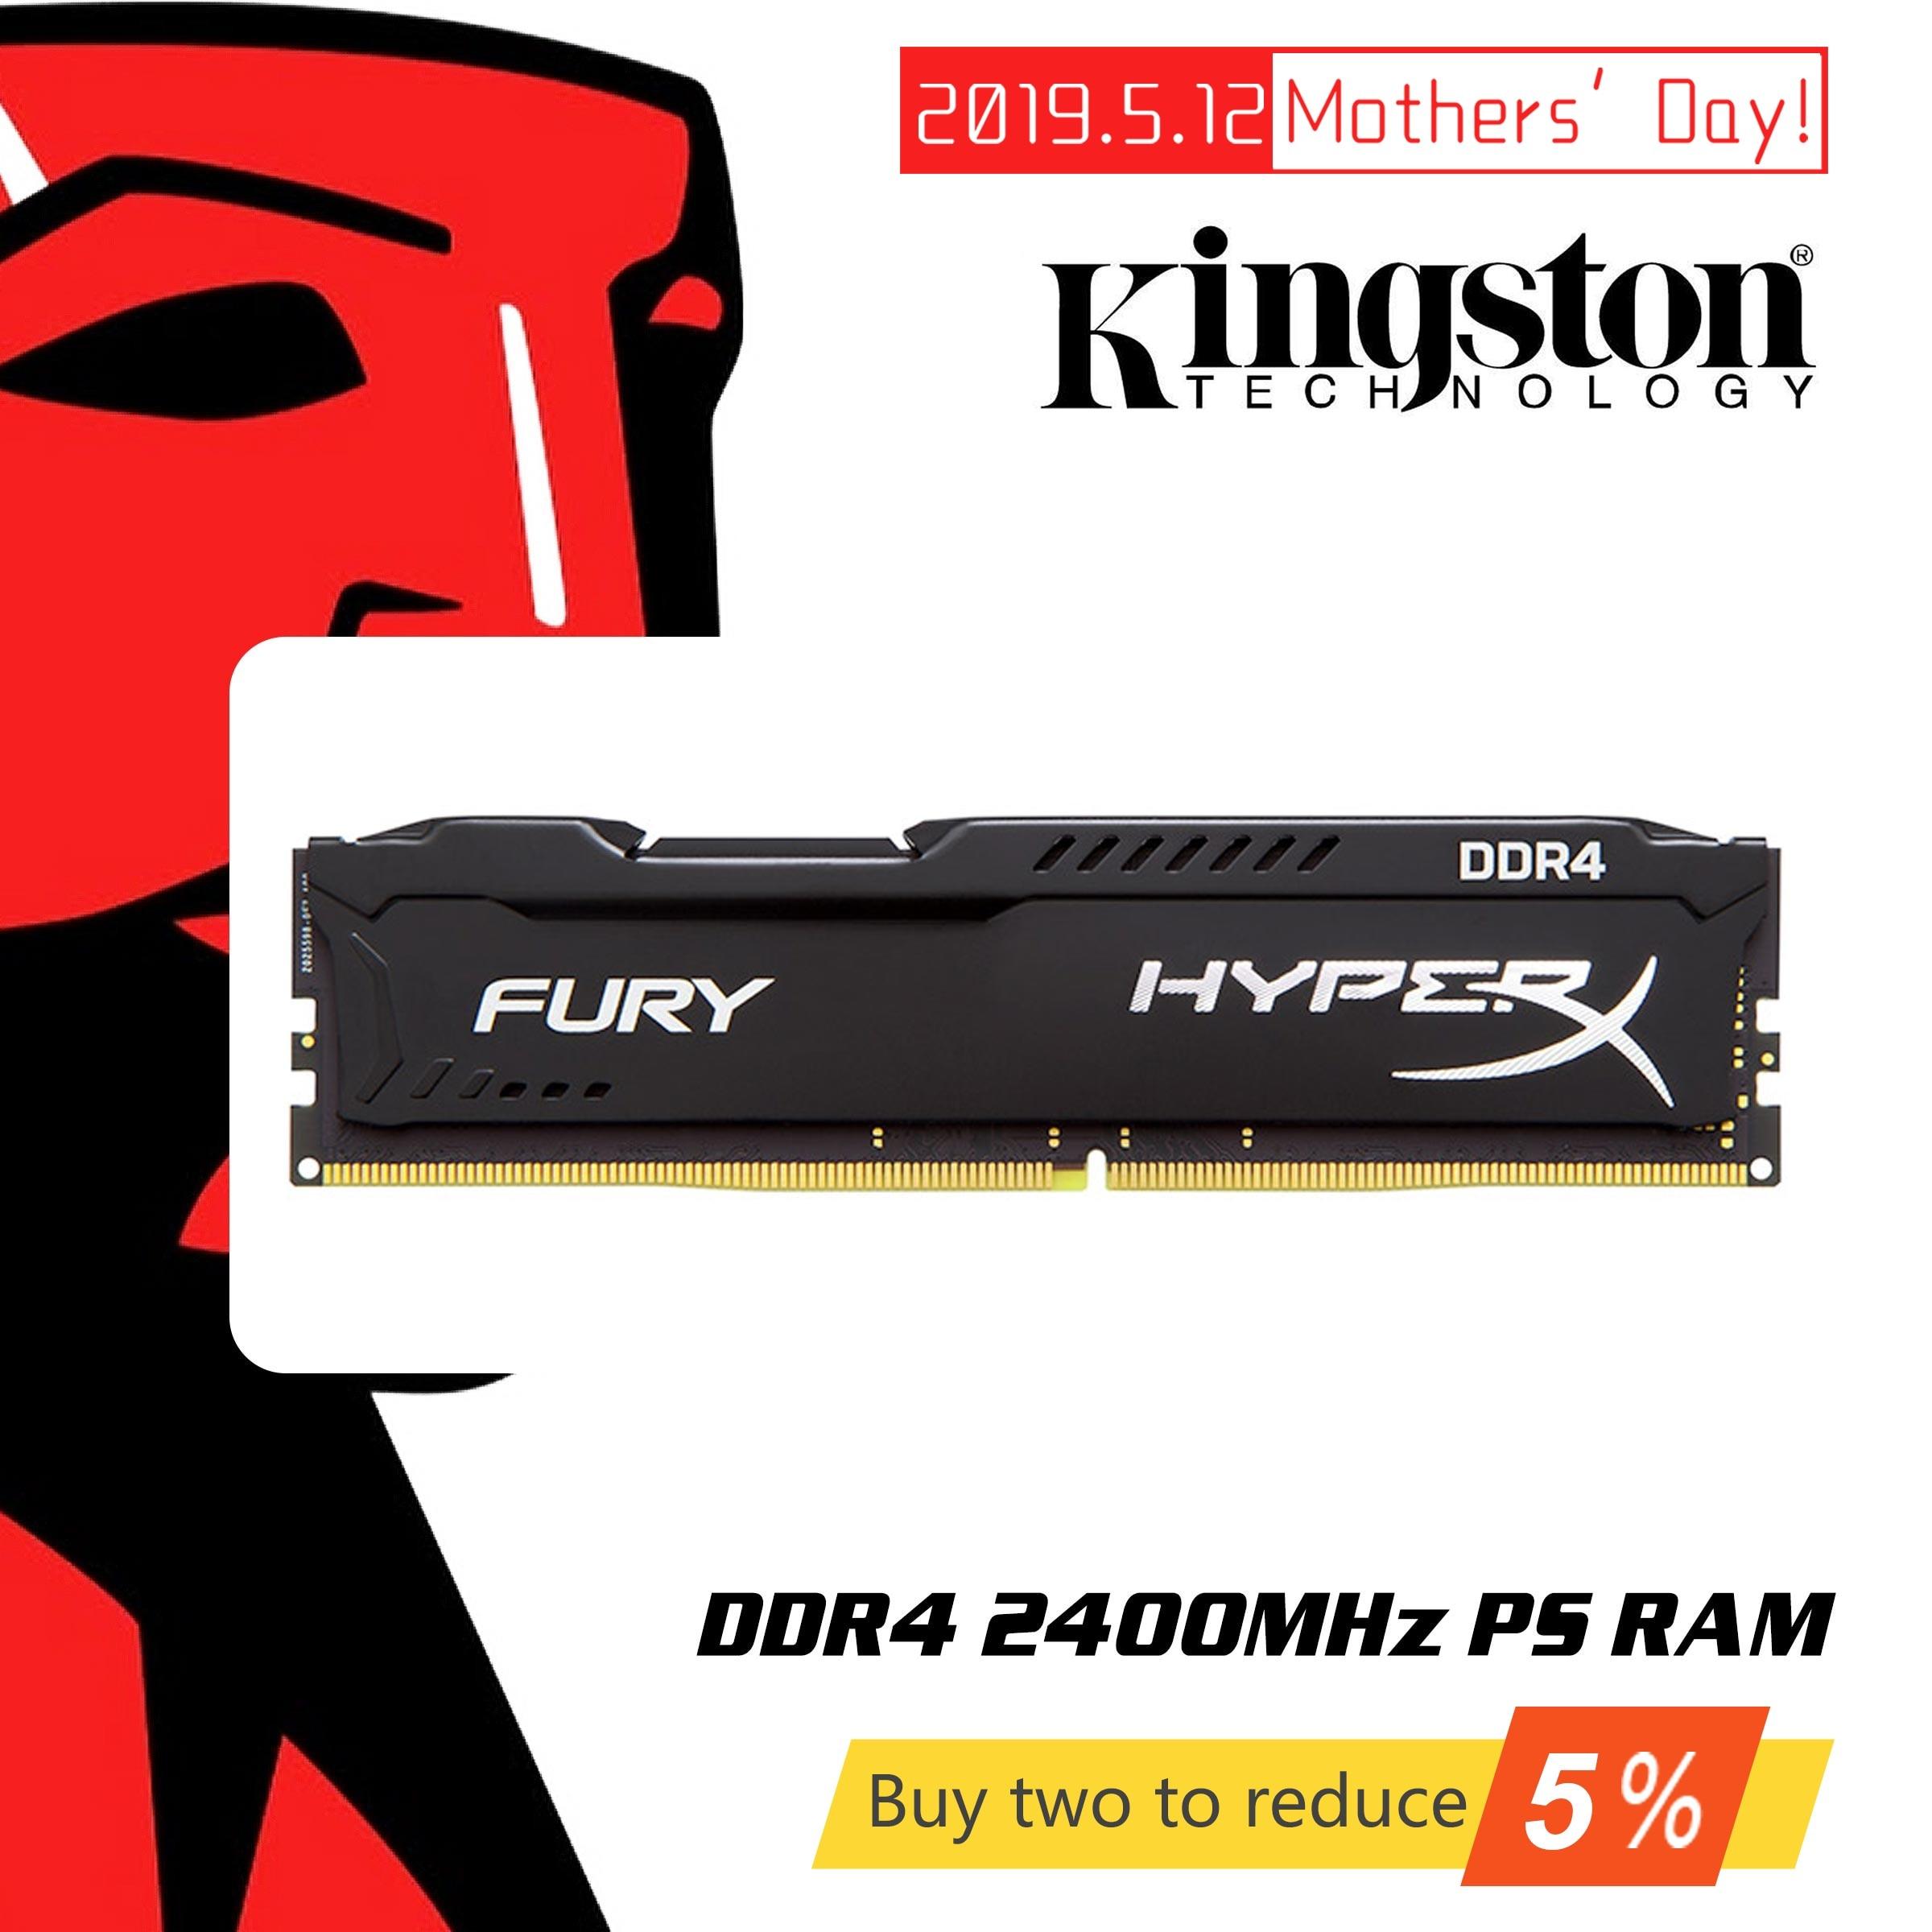 Memoria RAM Original Kingston HyperX FURY 4GB 8GB 16GB para juegos de escritorio DDR4 2400MHz CL15 DIMM Memoria interna de 288 pines para juegos Xiaomi Redmi 8 (32GB ROM con 3GB RAM, Cámara de 12MP, Android, Nuevo, Móvil) [Teléfono Móvil Versión Global para España] redmi8